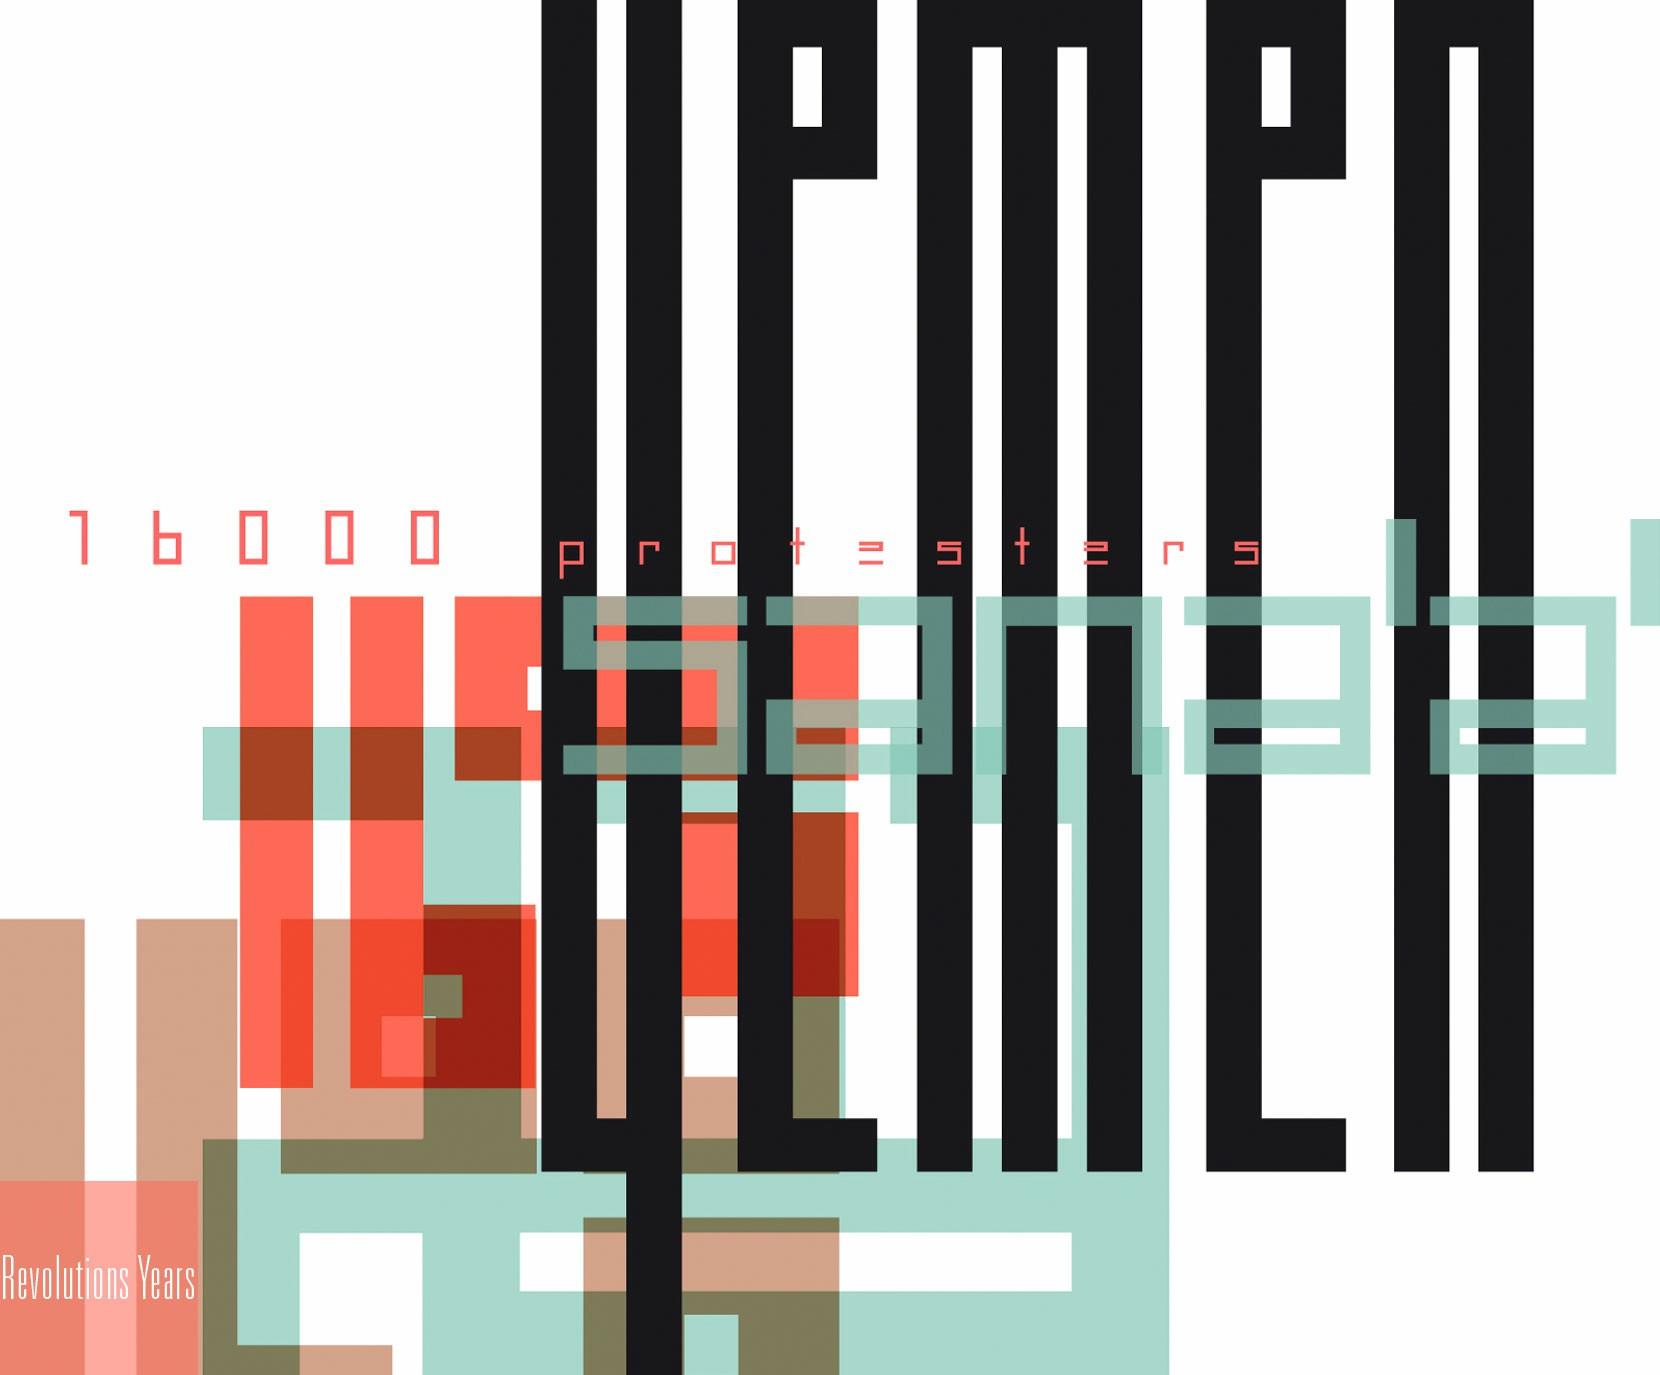 Revolutions-Silvio-Cocco